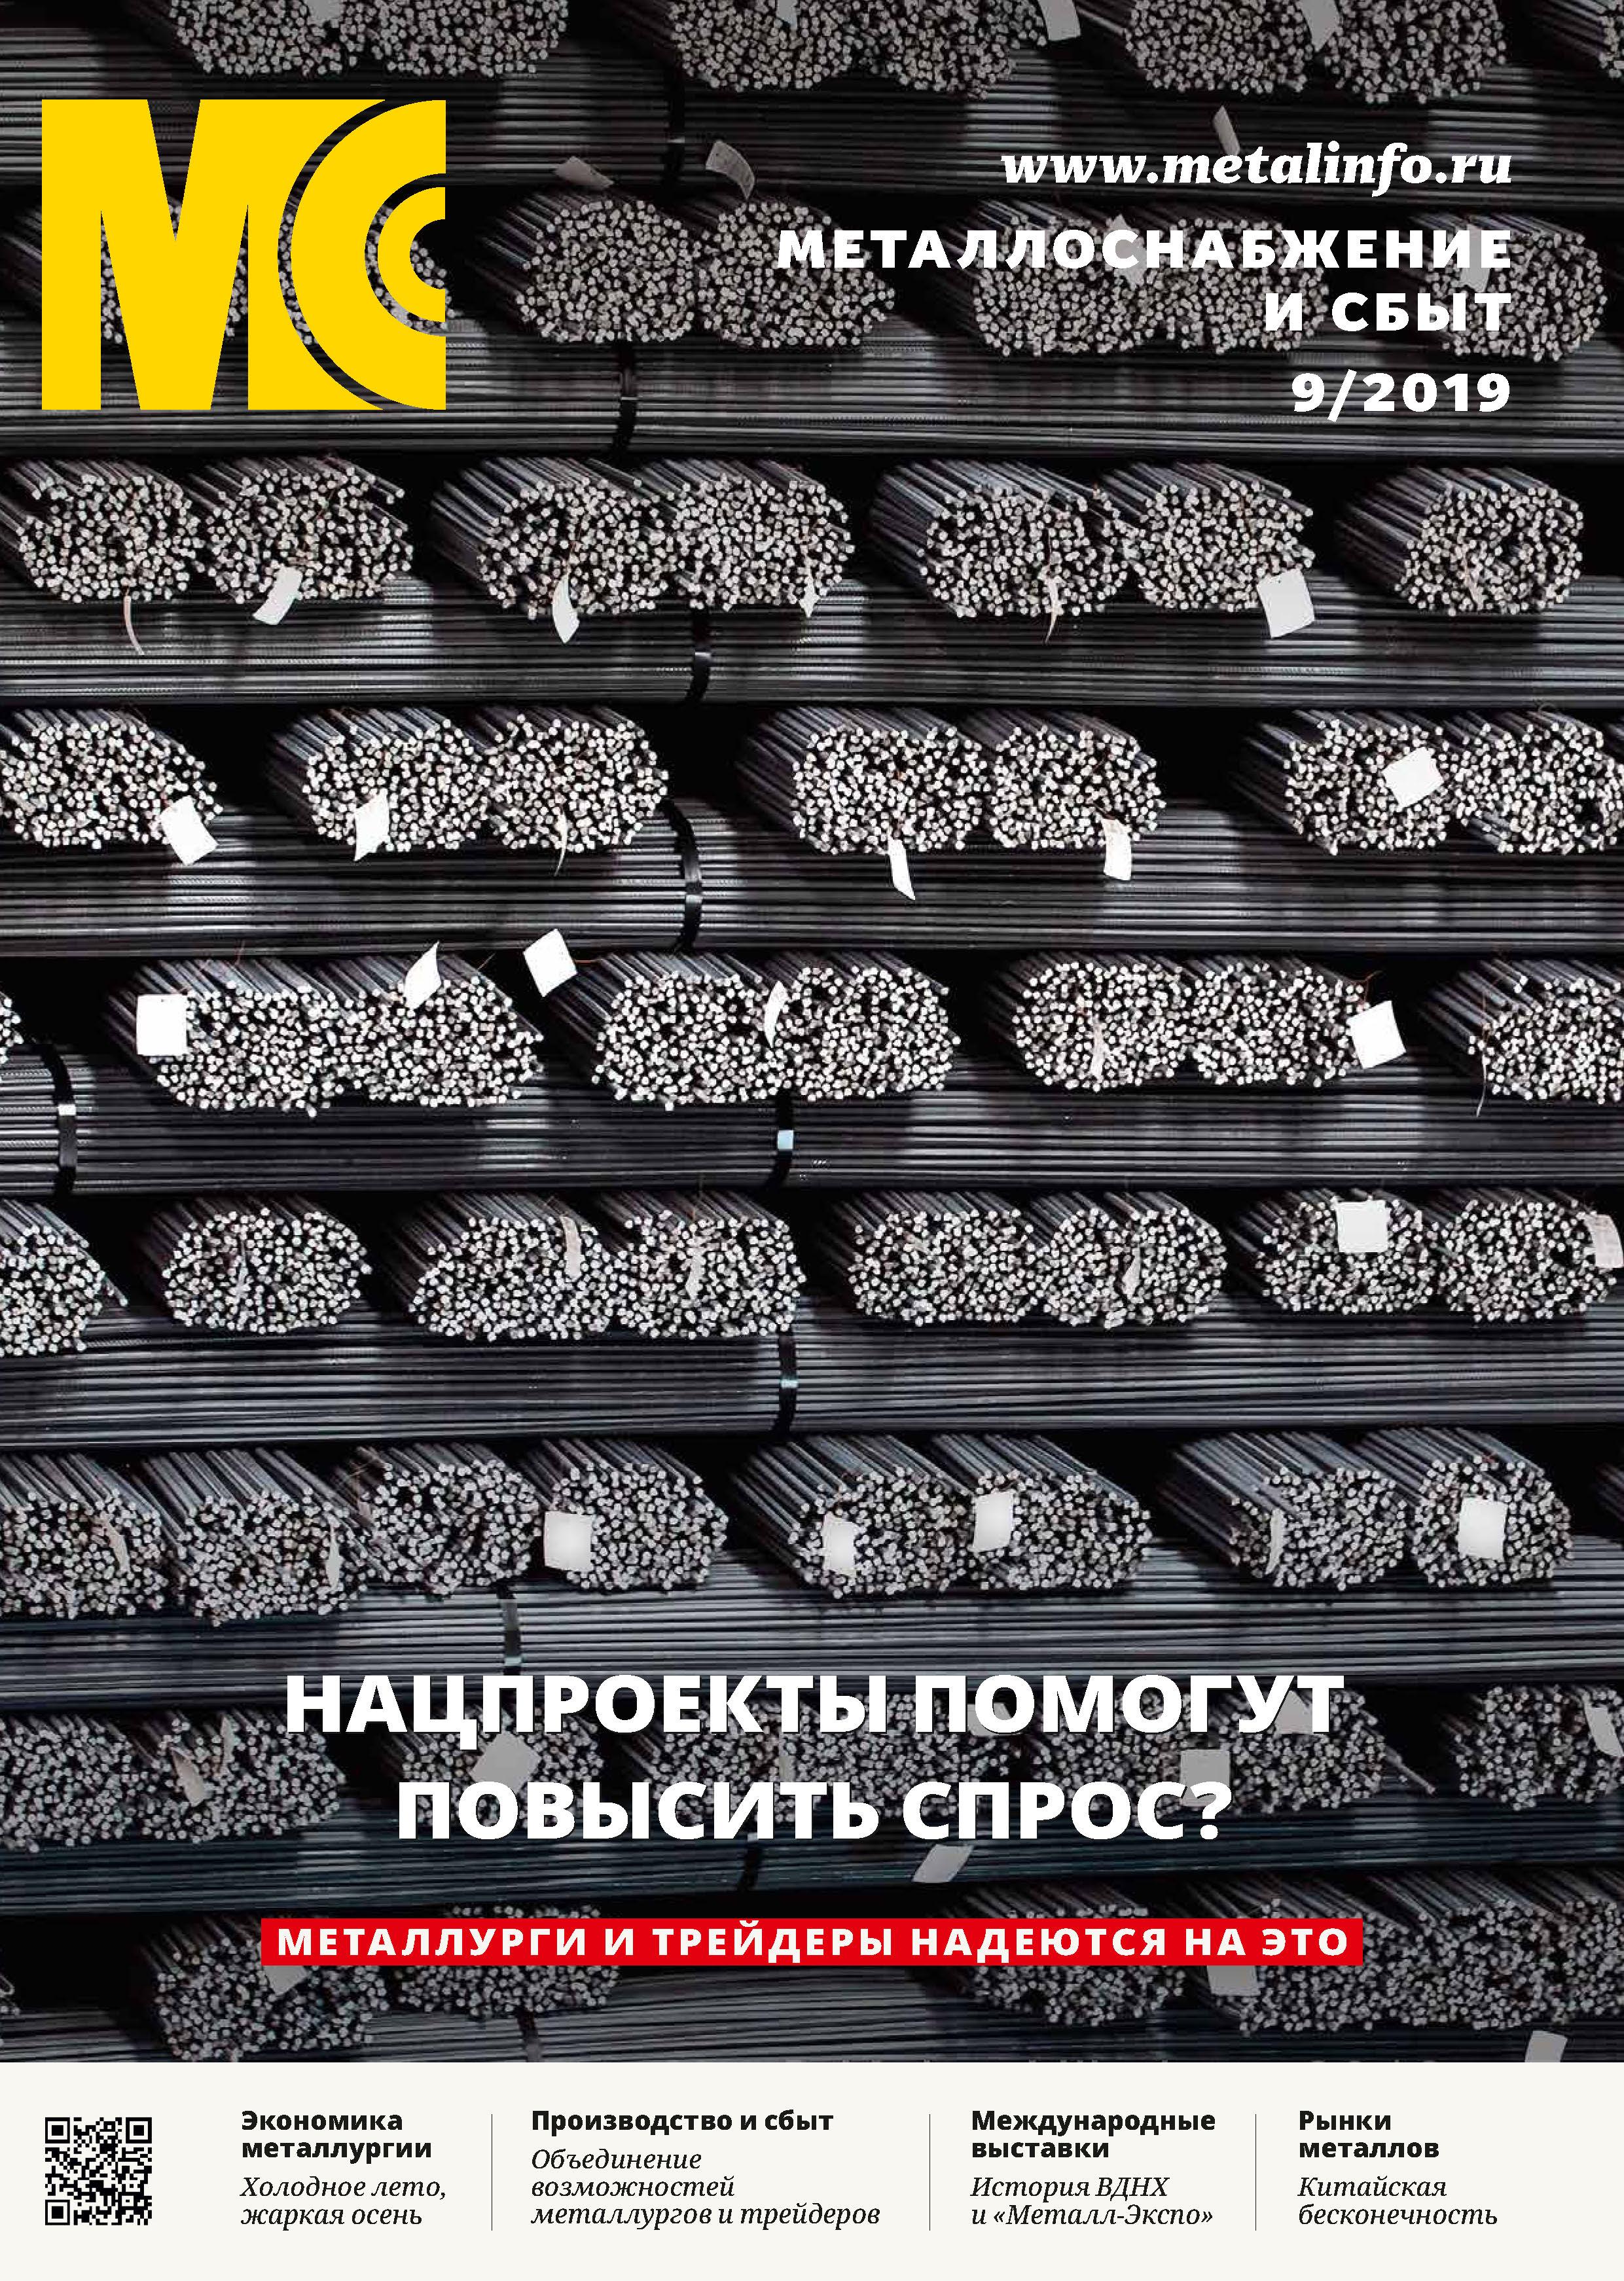 Металлоснабжение и сбыт №09/2019